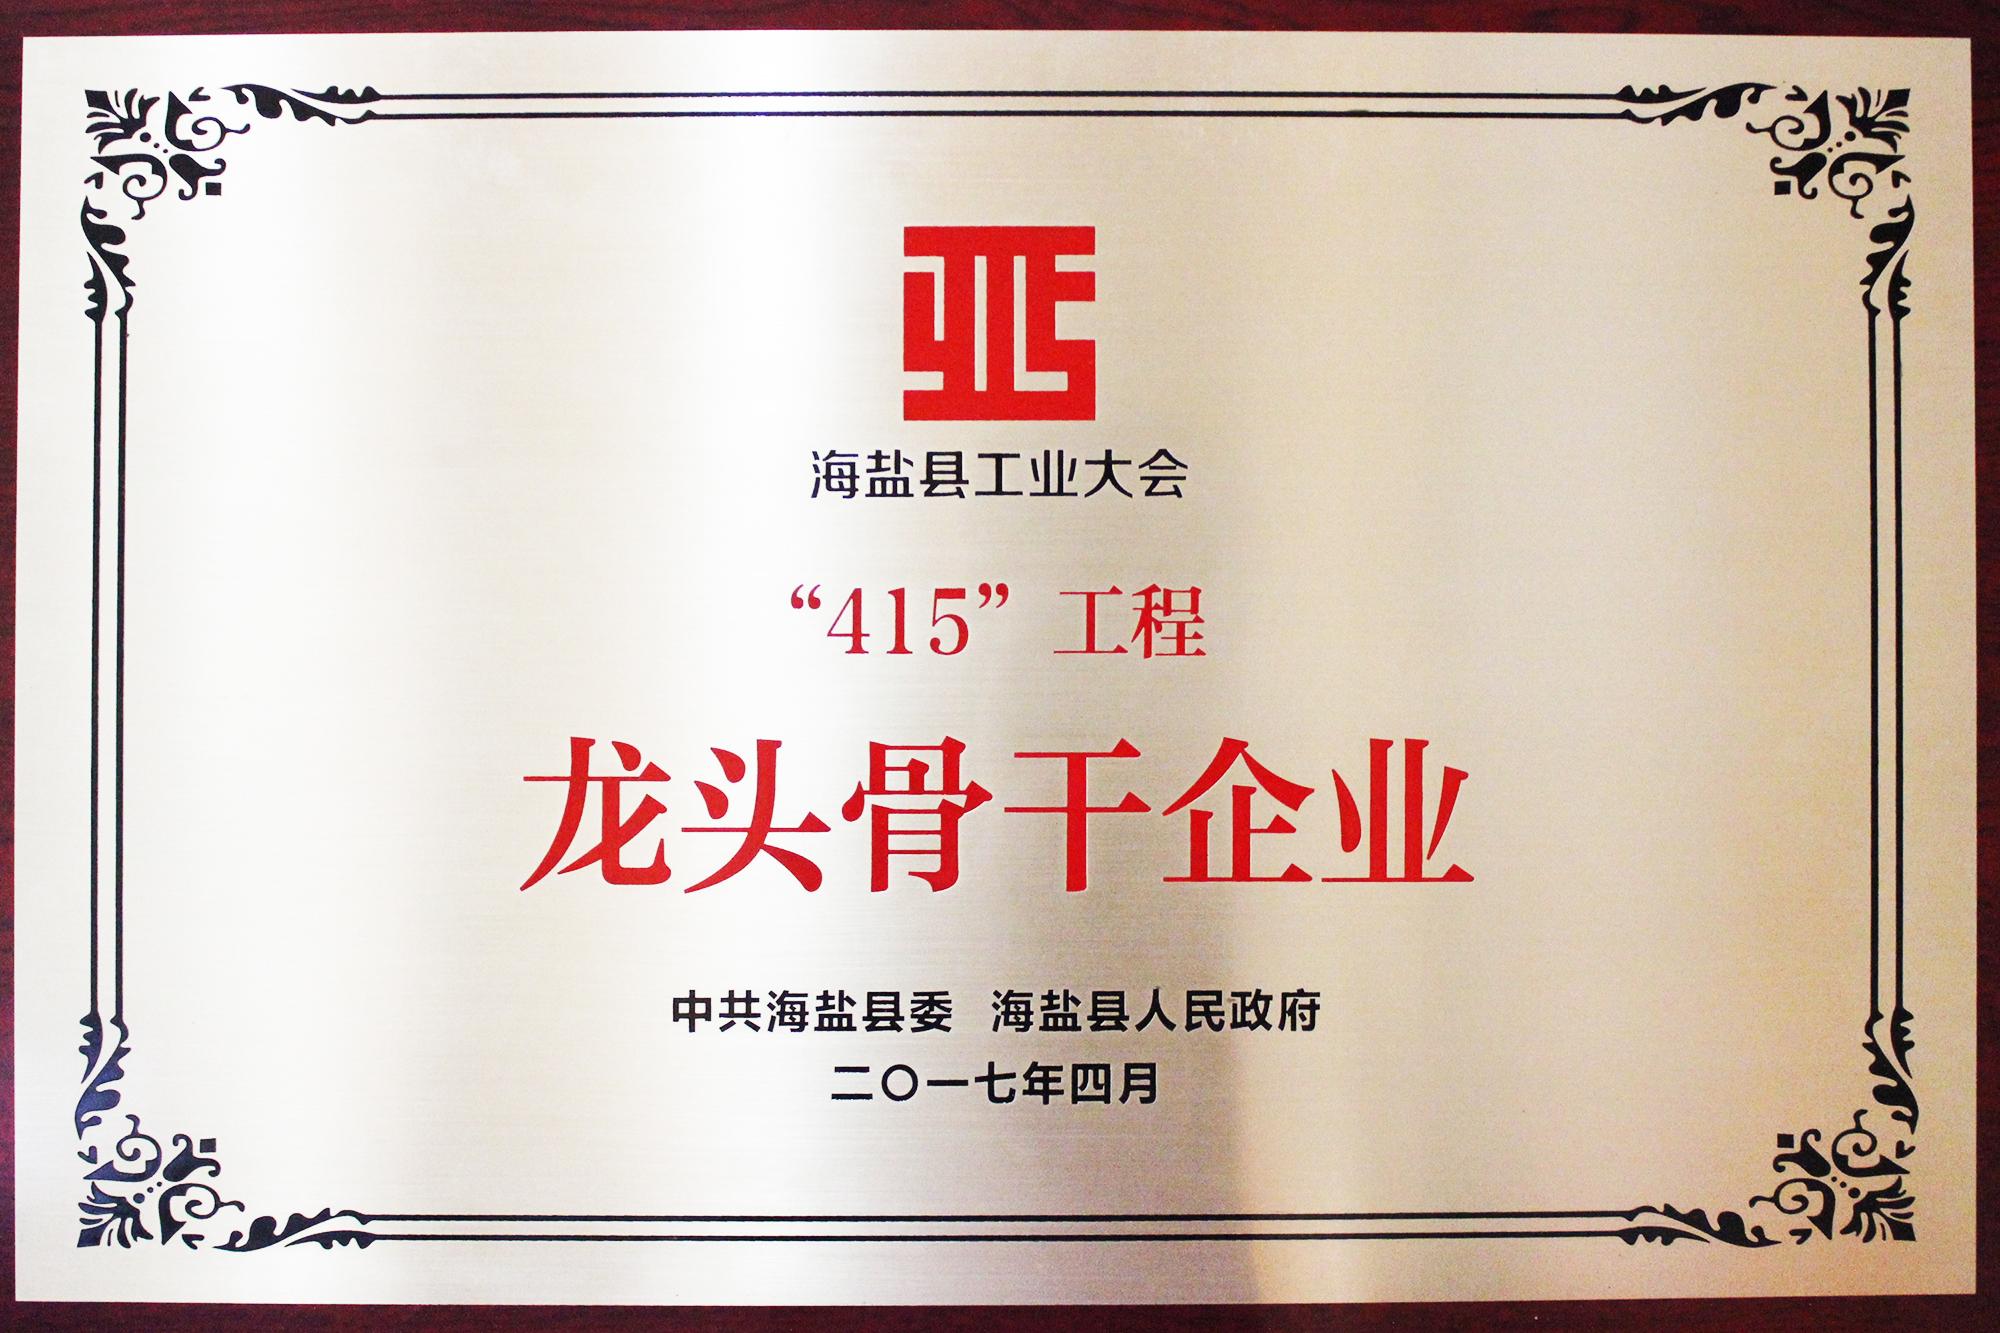 415工程龙头骨干企业201704